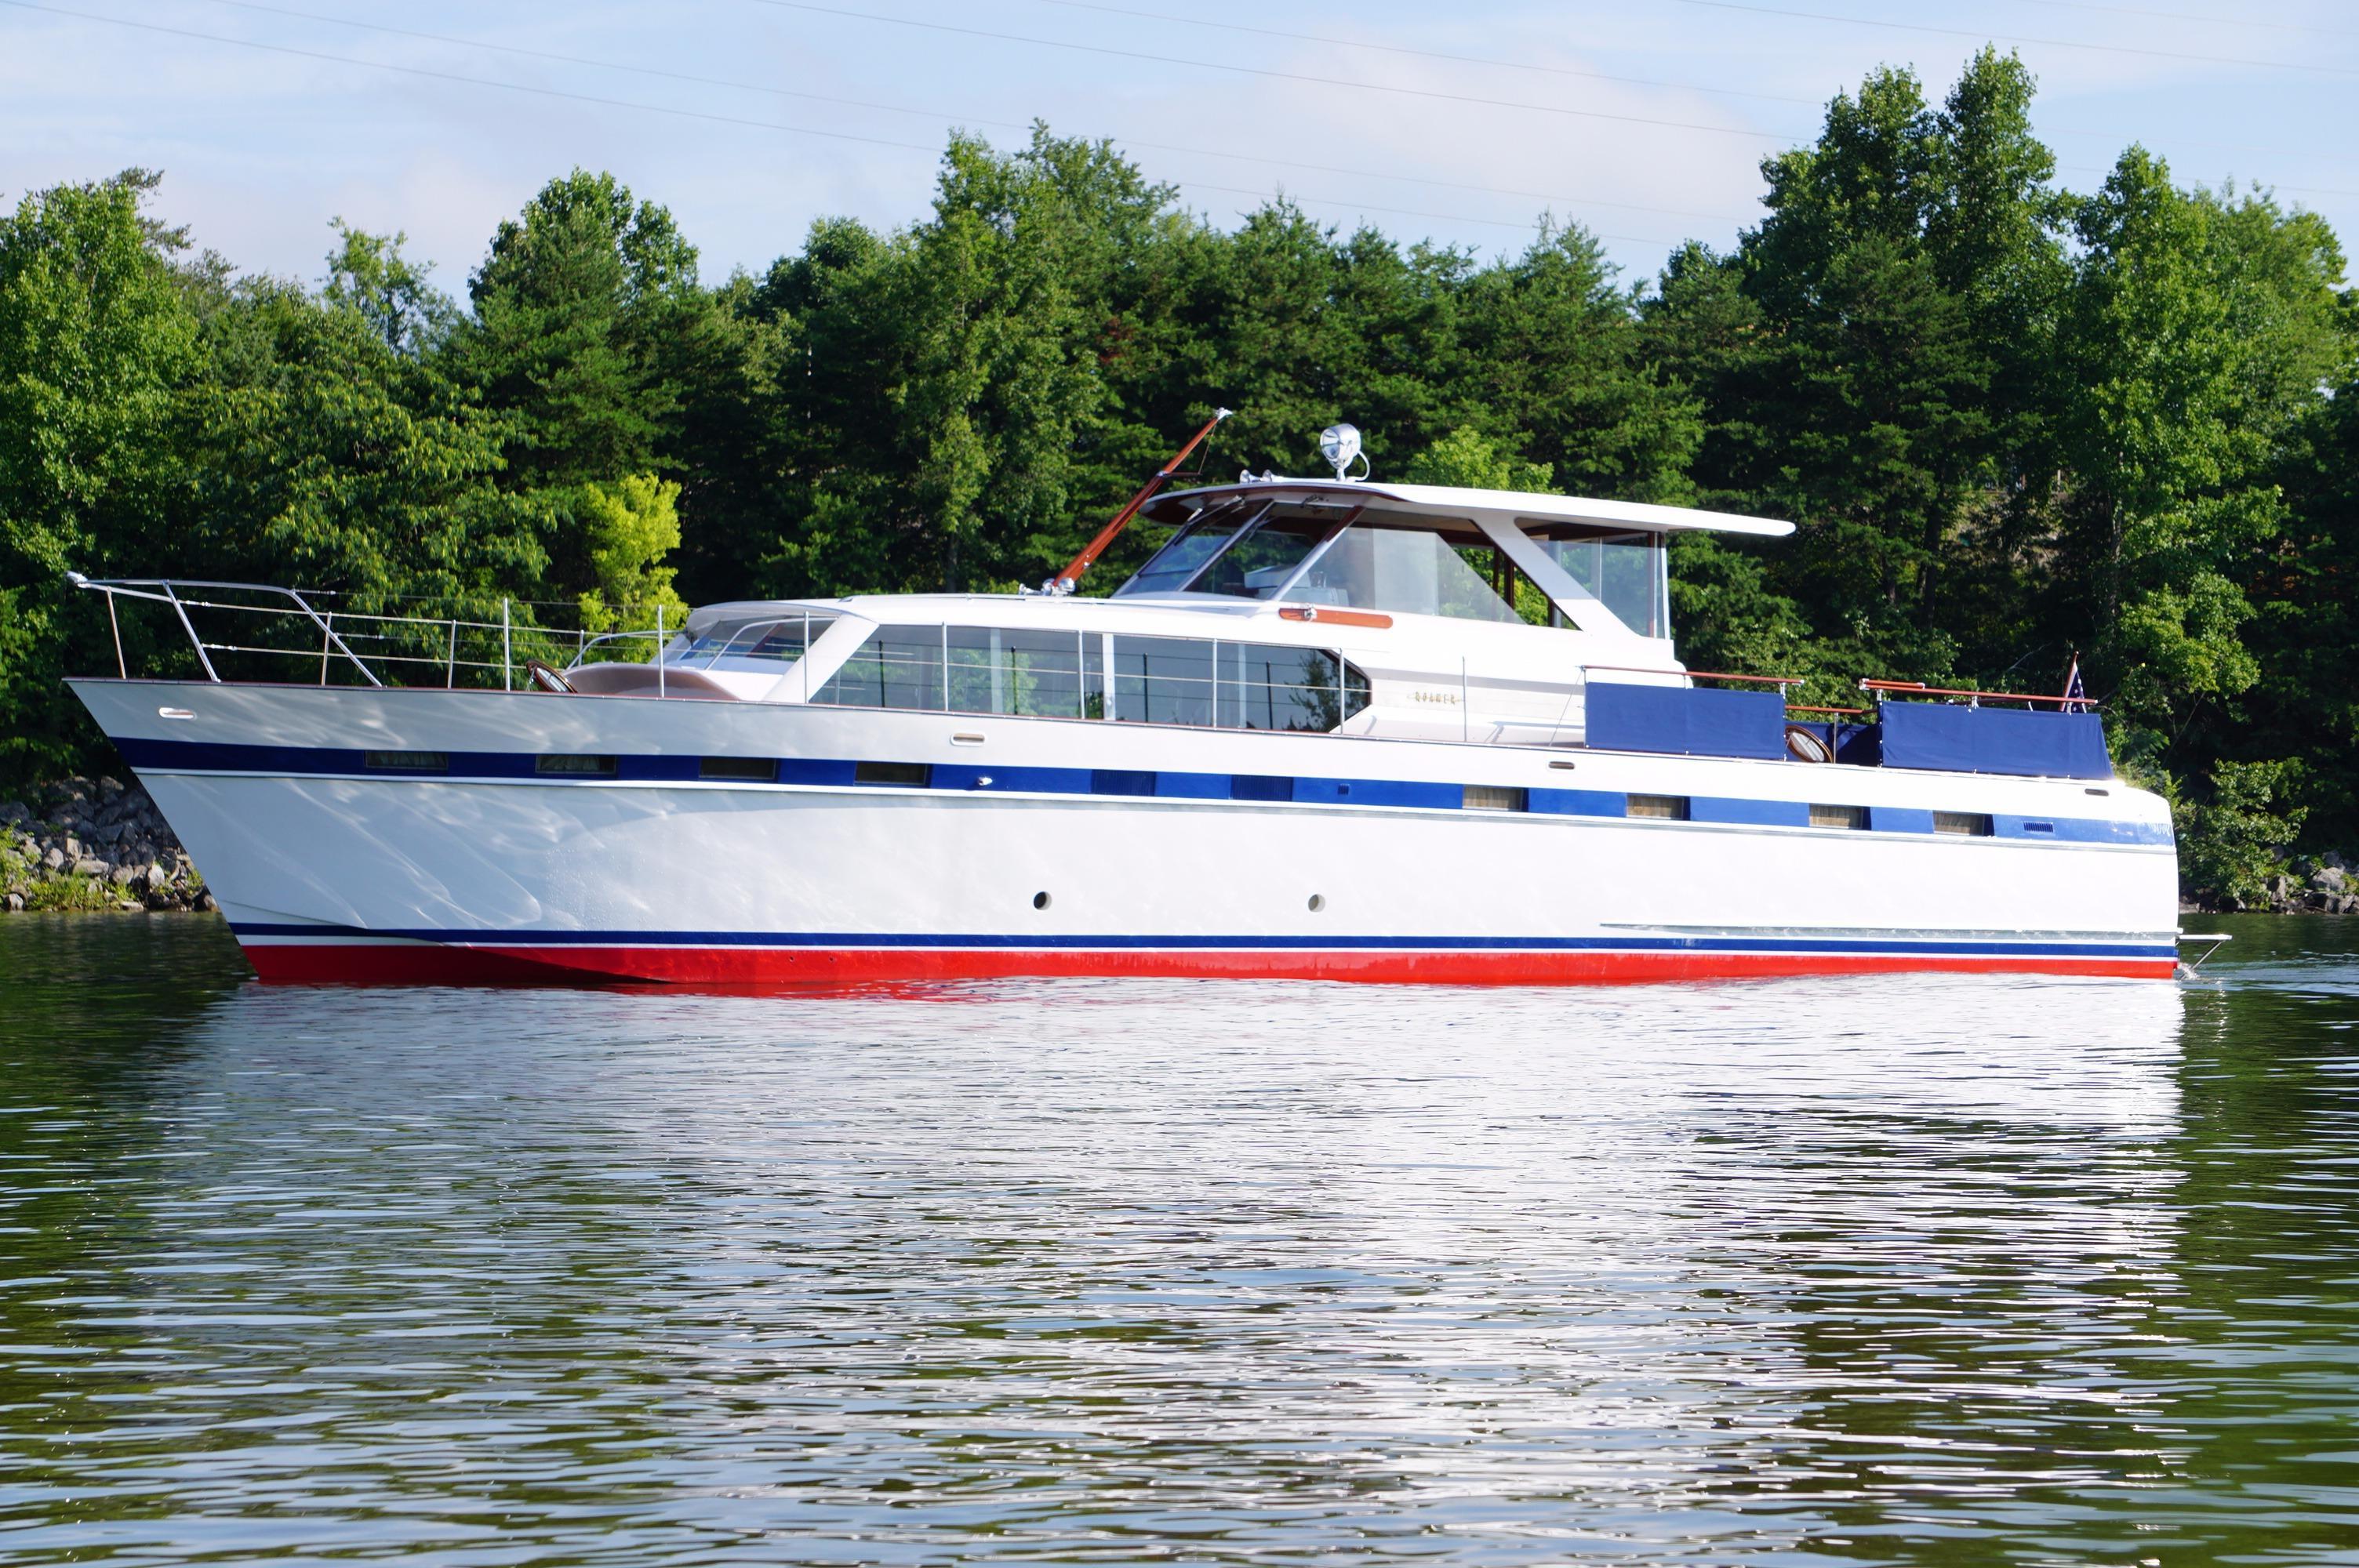 1965 chris craft roamer express motor yacht for sale